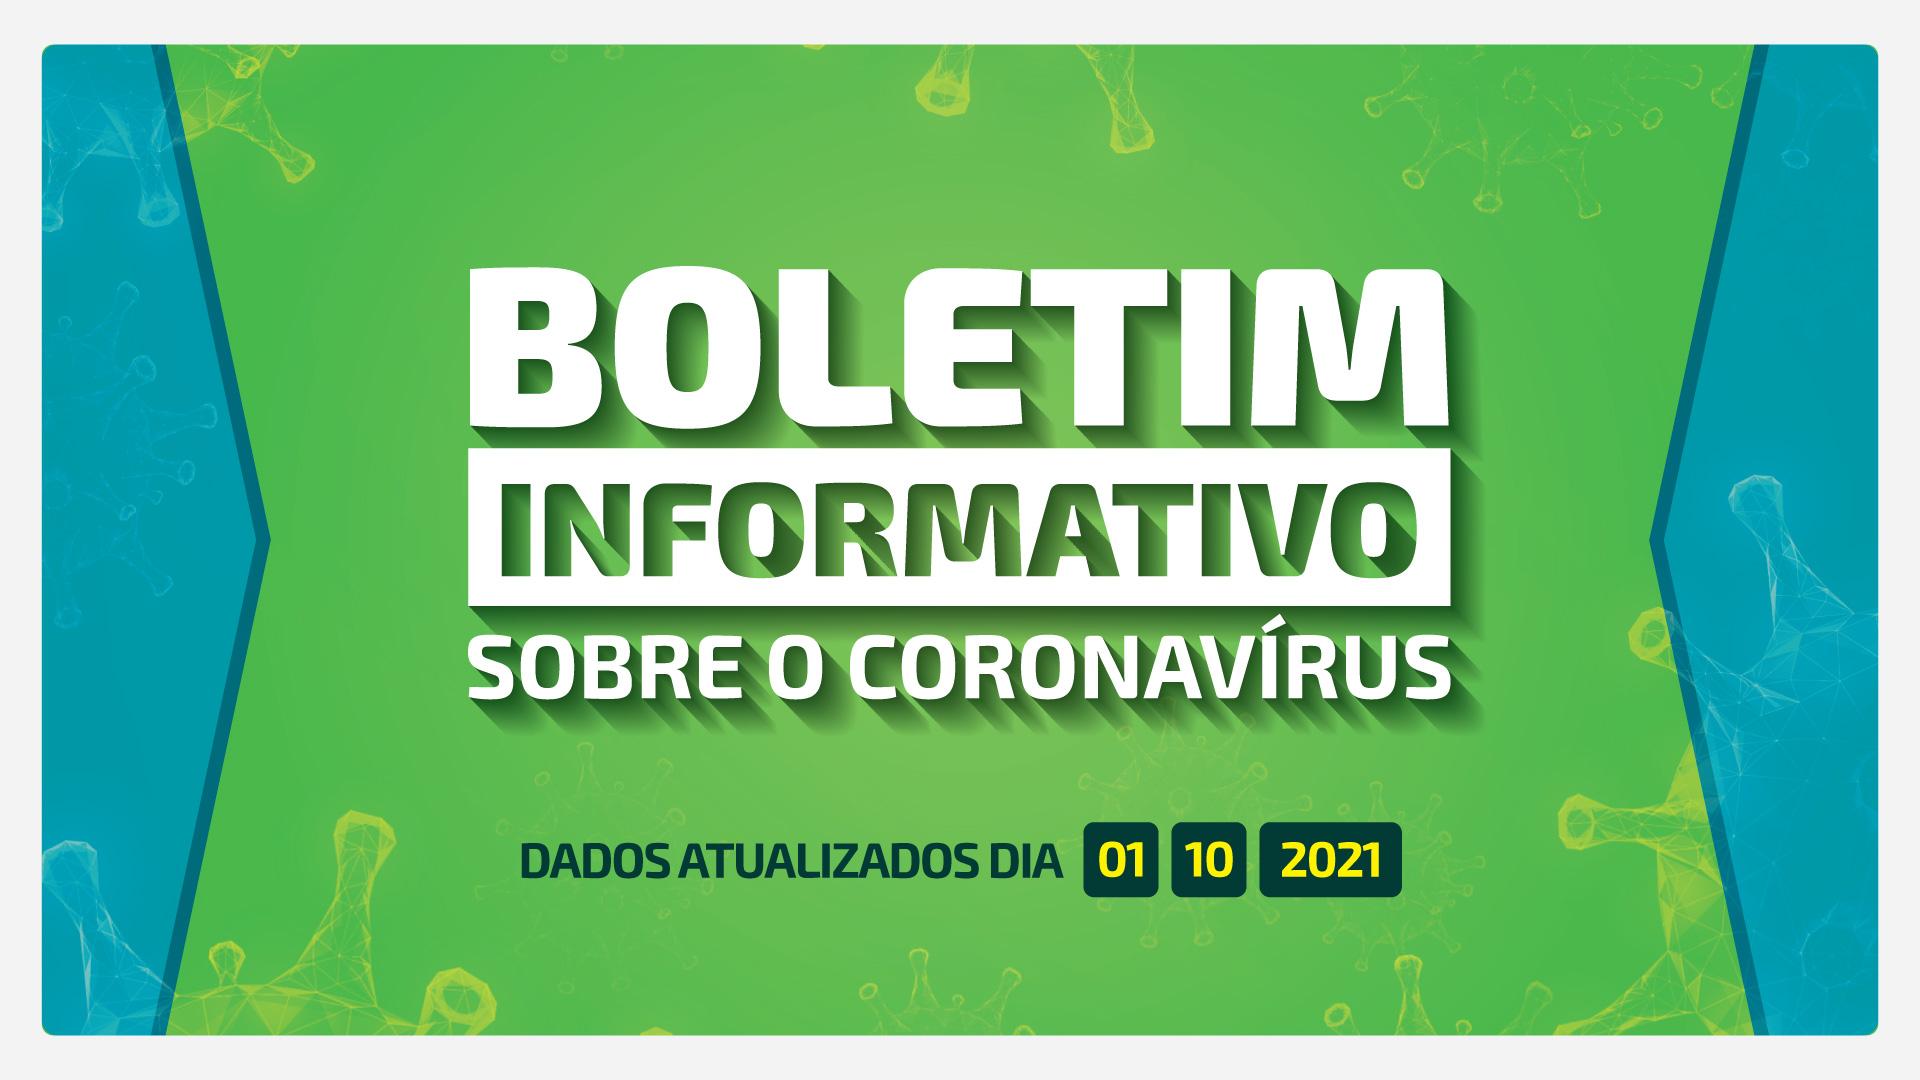 BOLETIM DIÁRIO DA COVID-19 EM BARRA BONITA - 01 DE OUTUBRO DE 2021